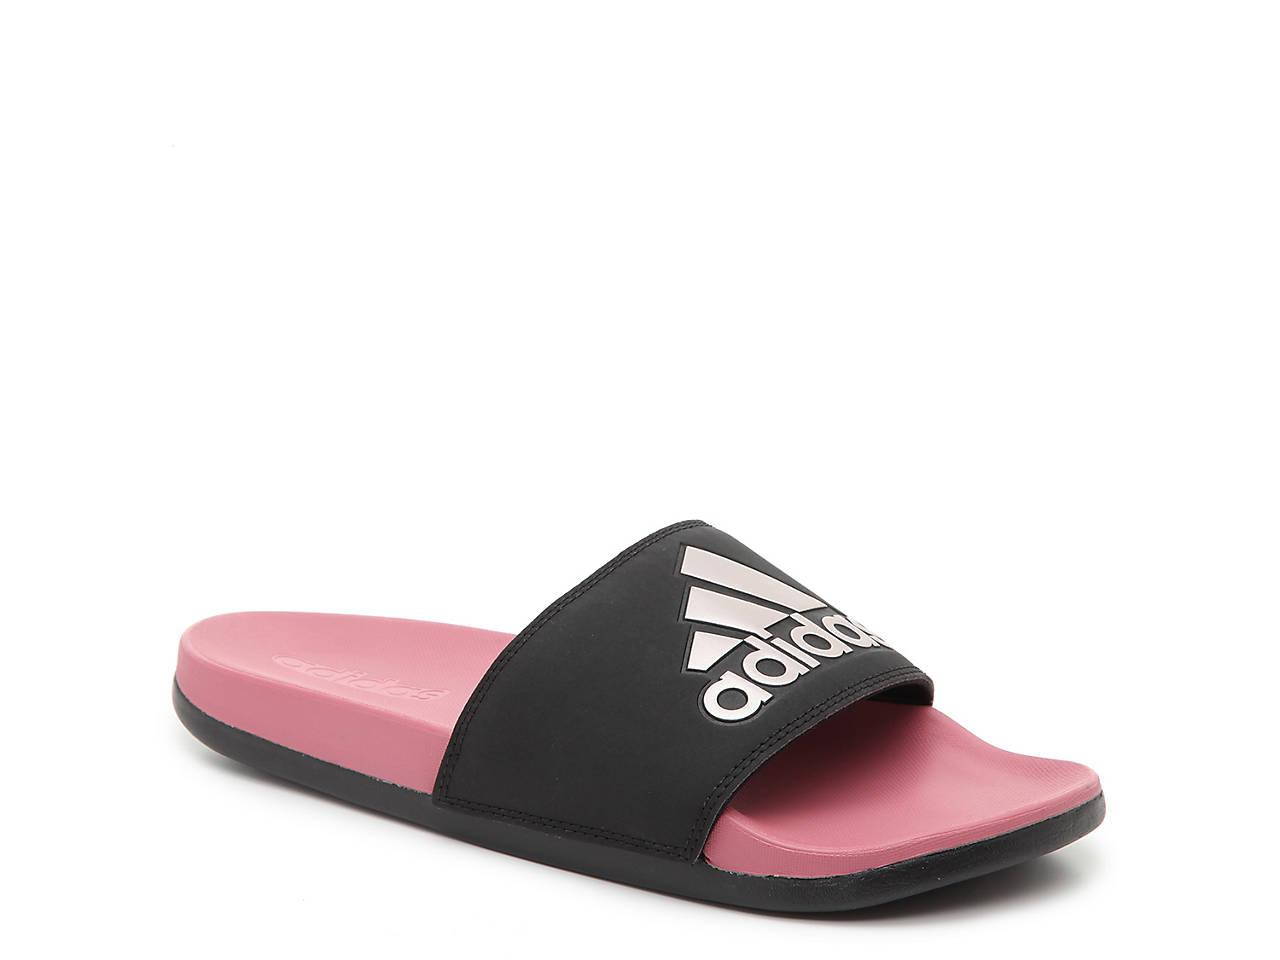 918ac4ee73d967 adidas Adilette Slide Sandal - Women s Women s Shoes